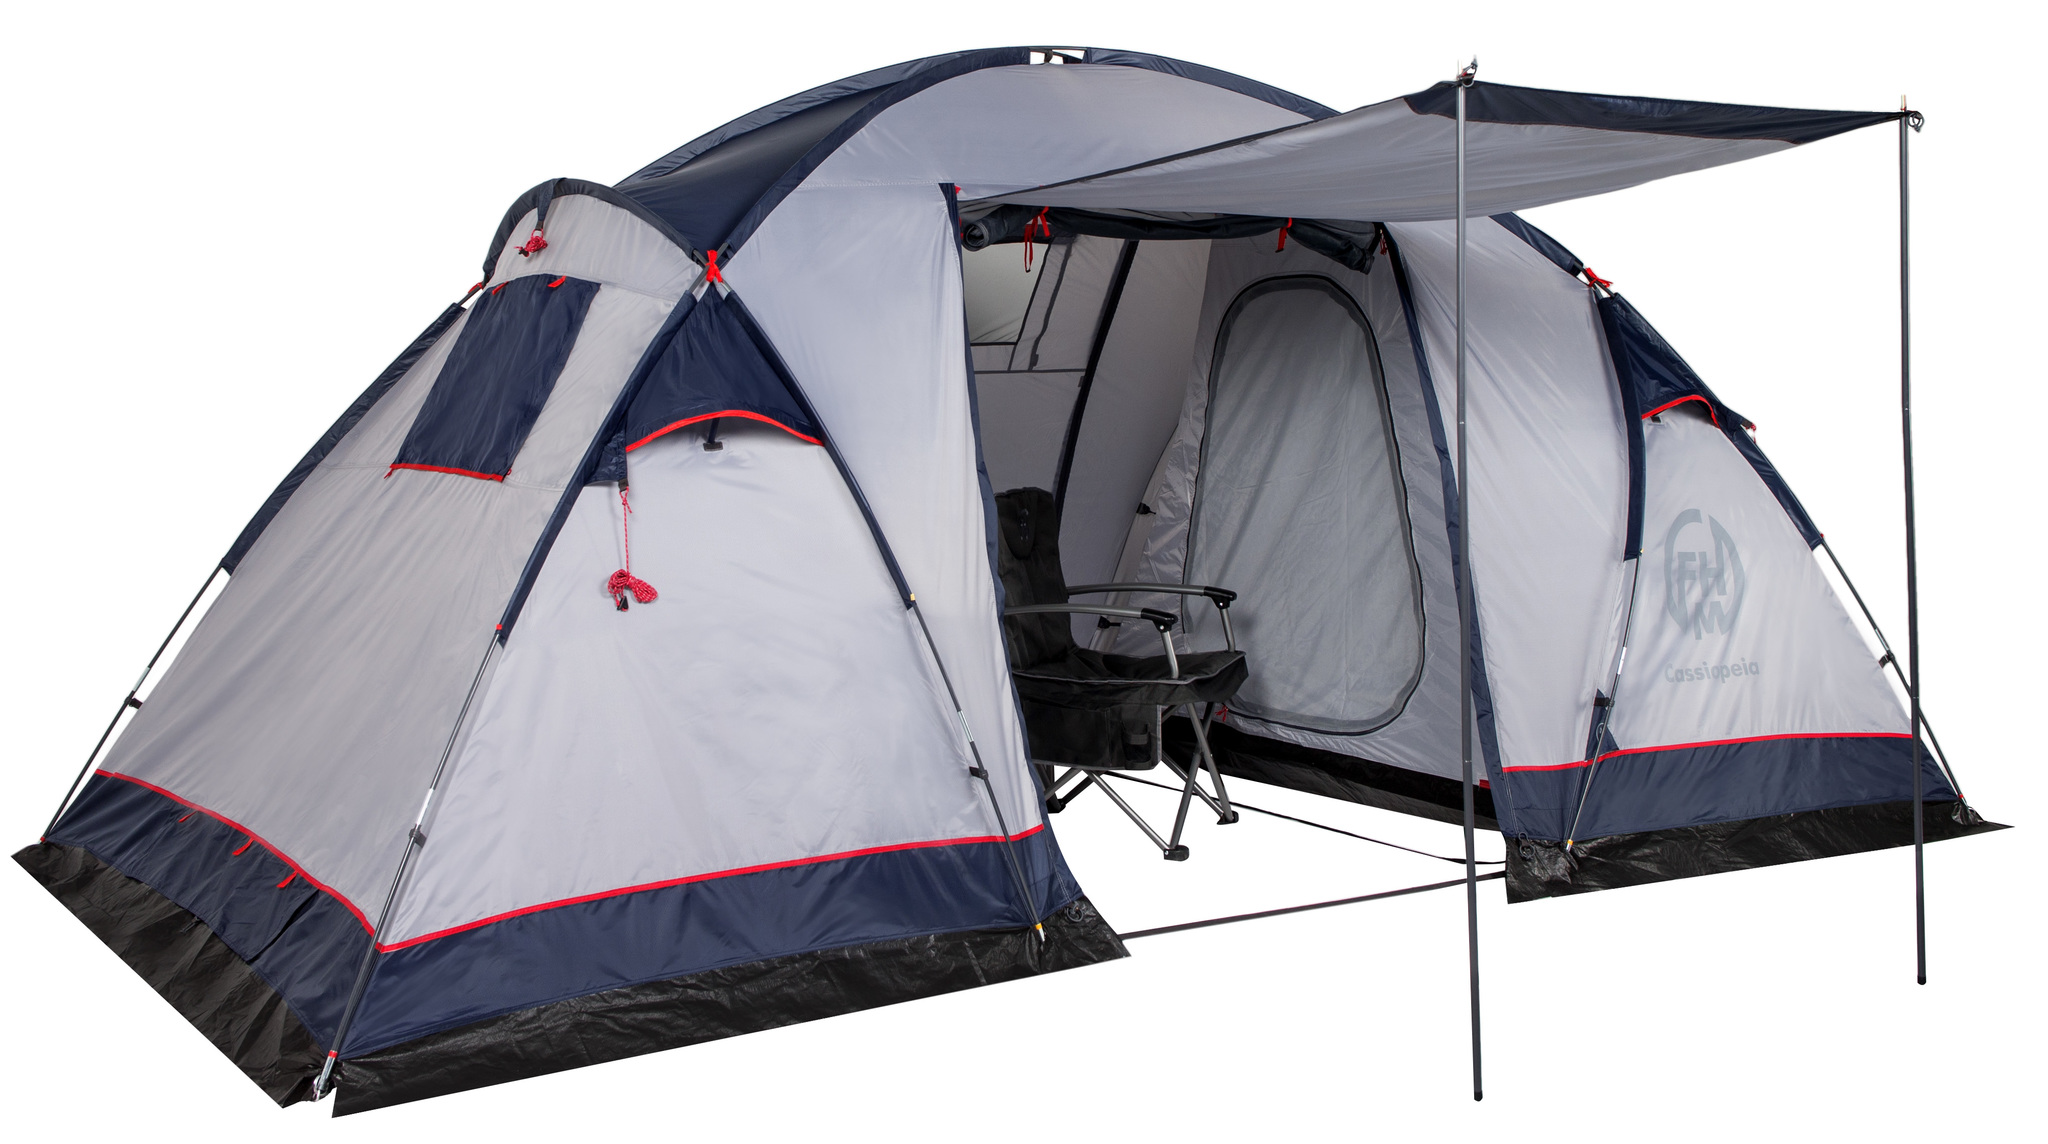 Отдых в лесу с палатками: как организовать палаточный лагерь